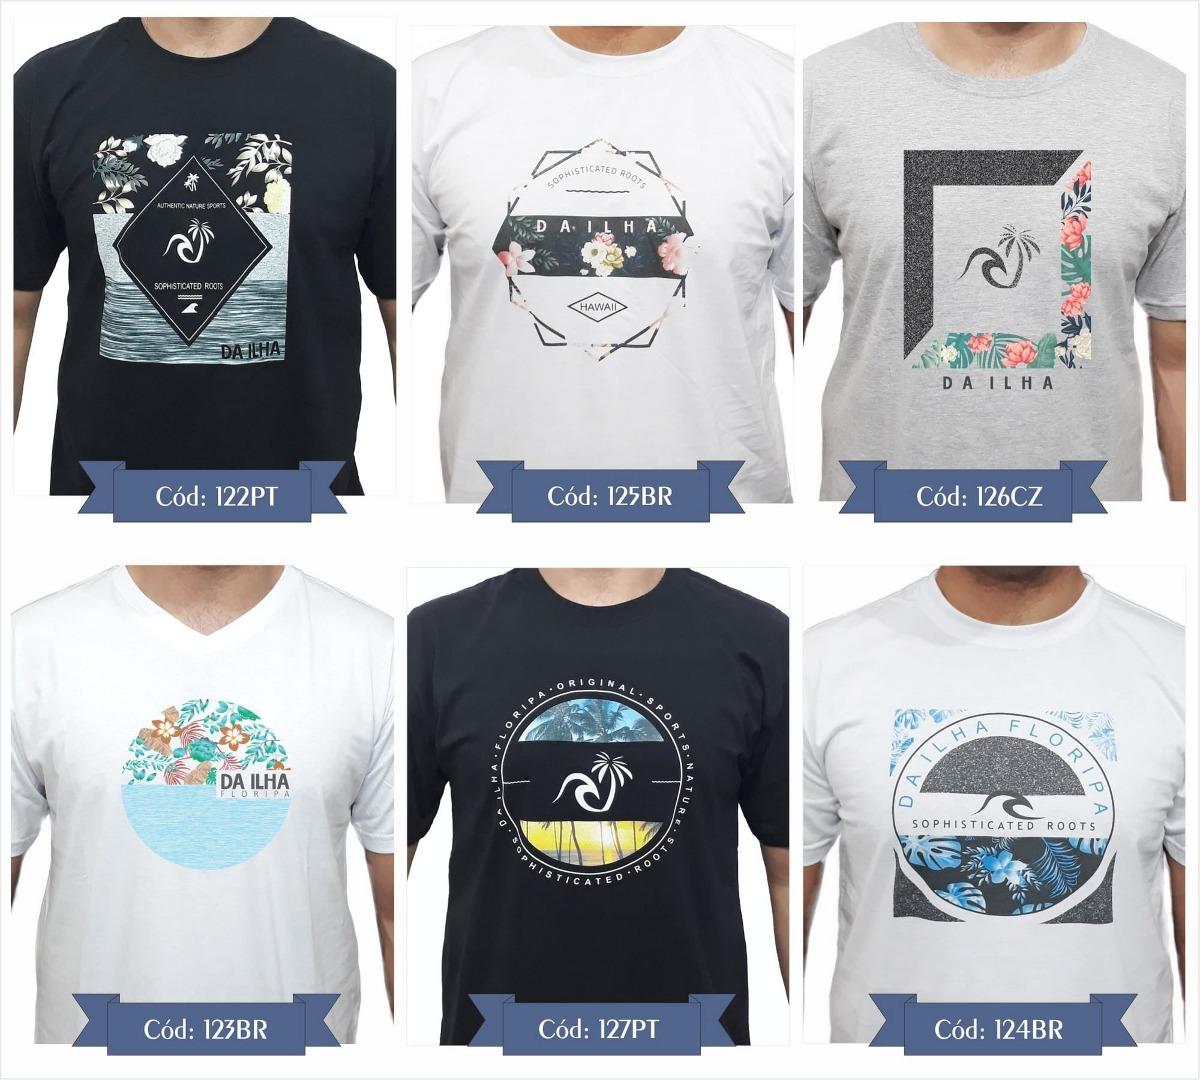 7f6031a61d kit 3 camiseta original camisas promoção combo top qualidade. Carregando  zoom.